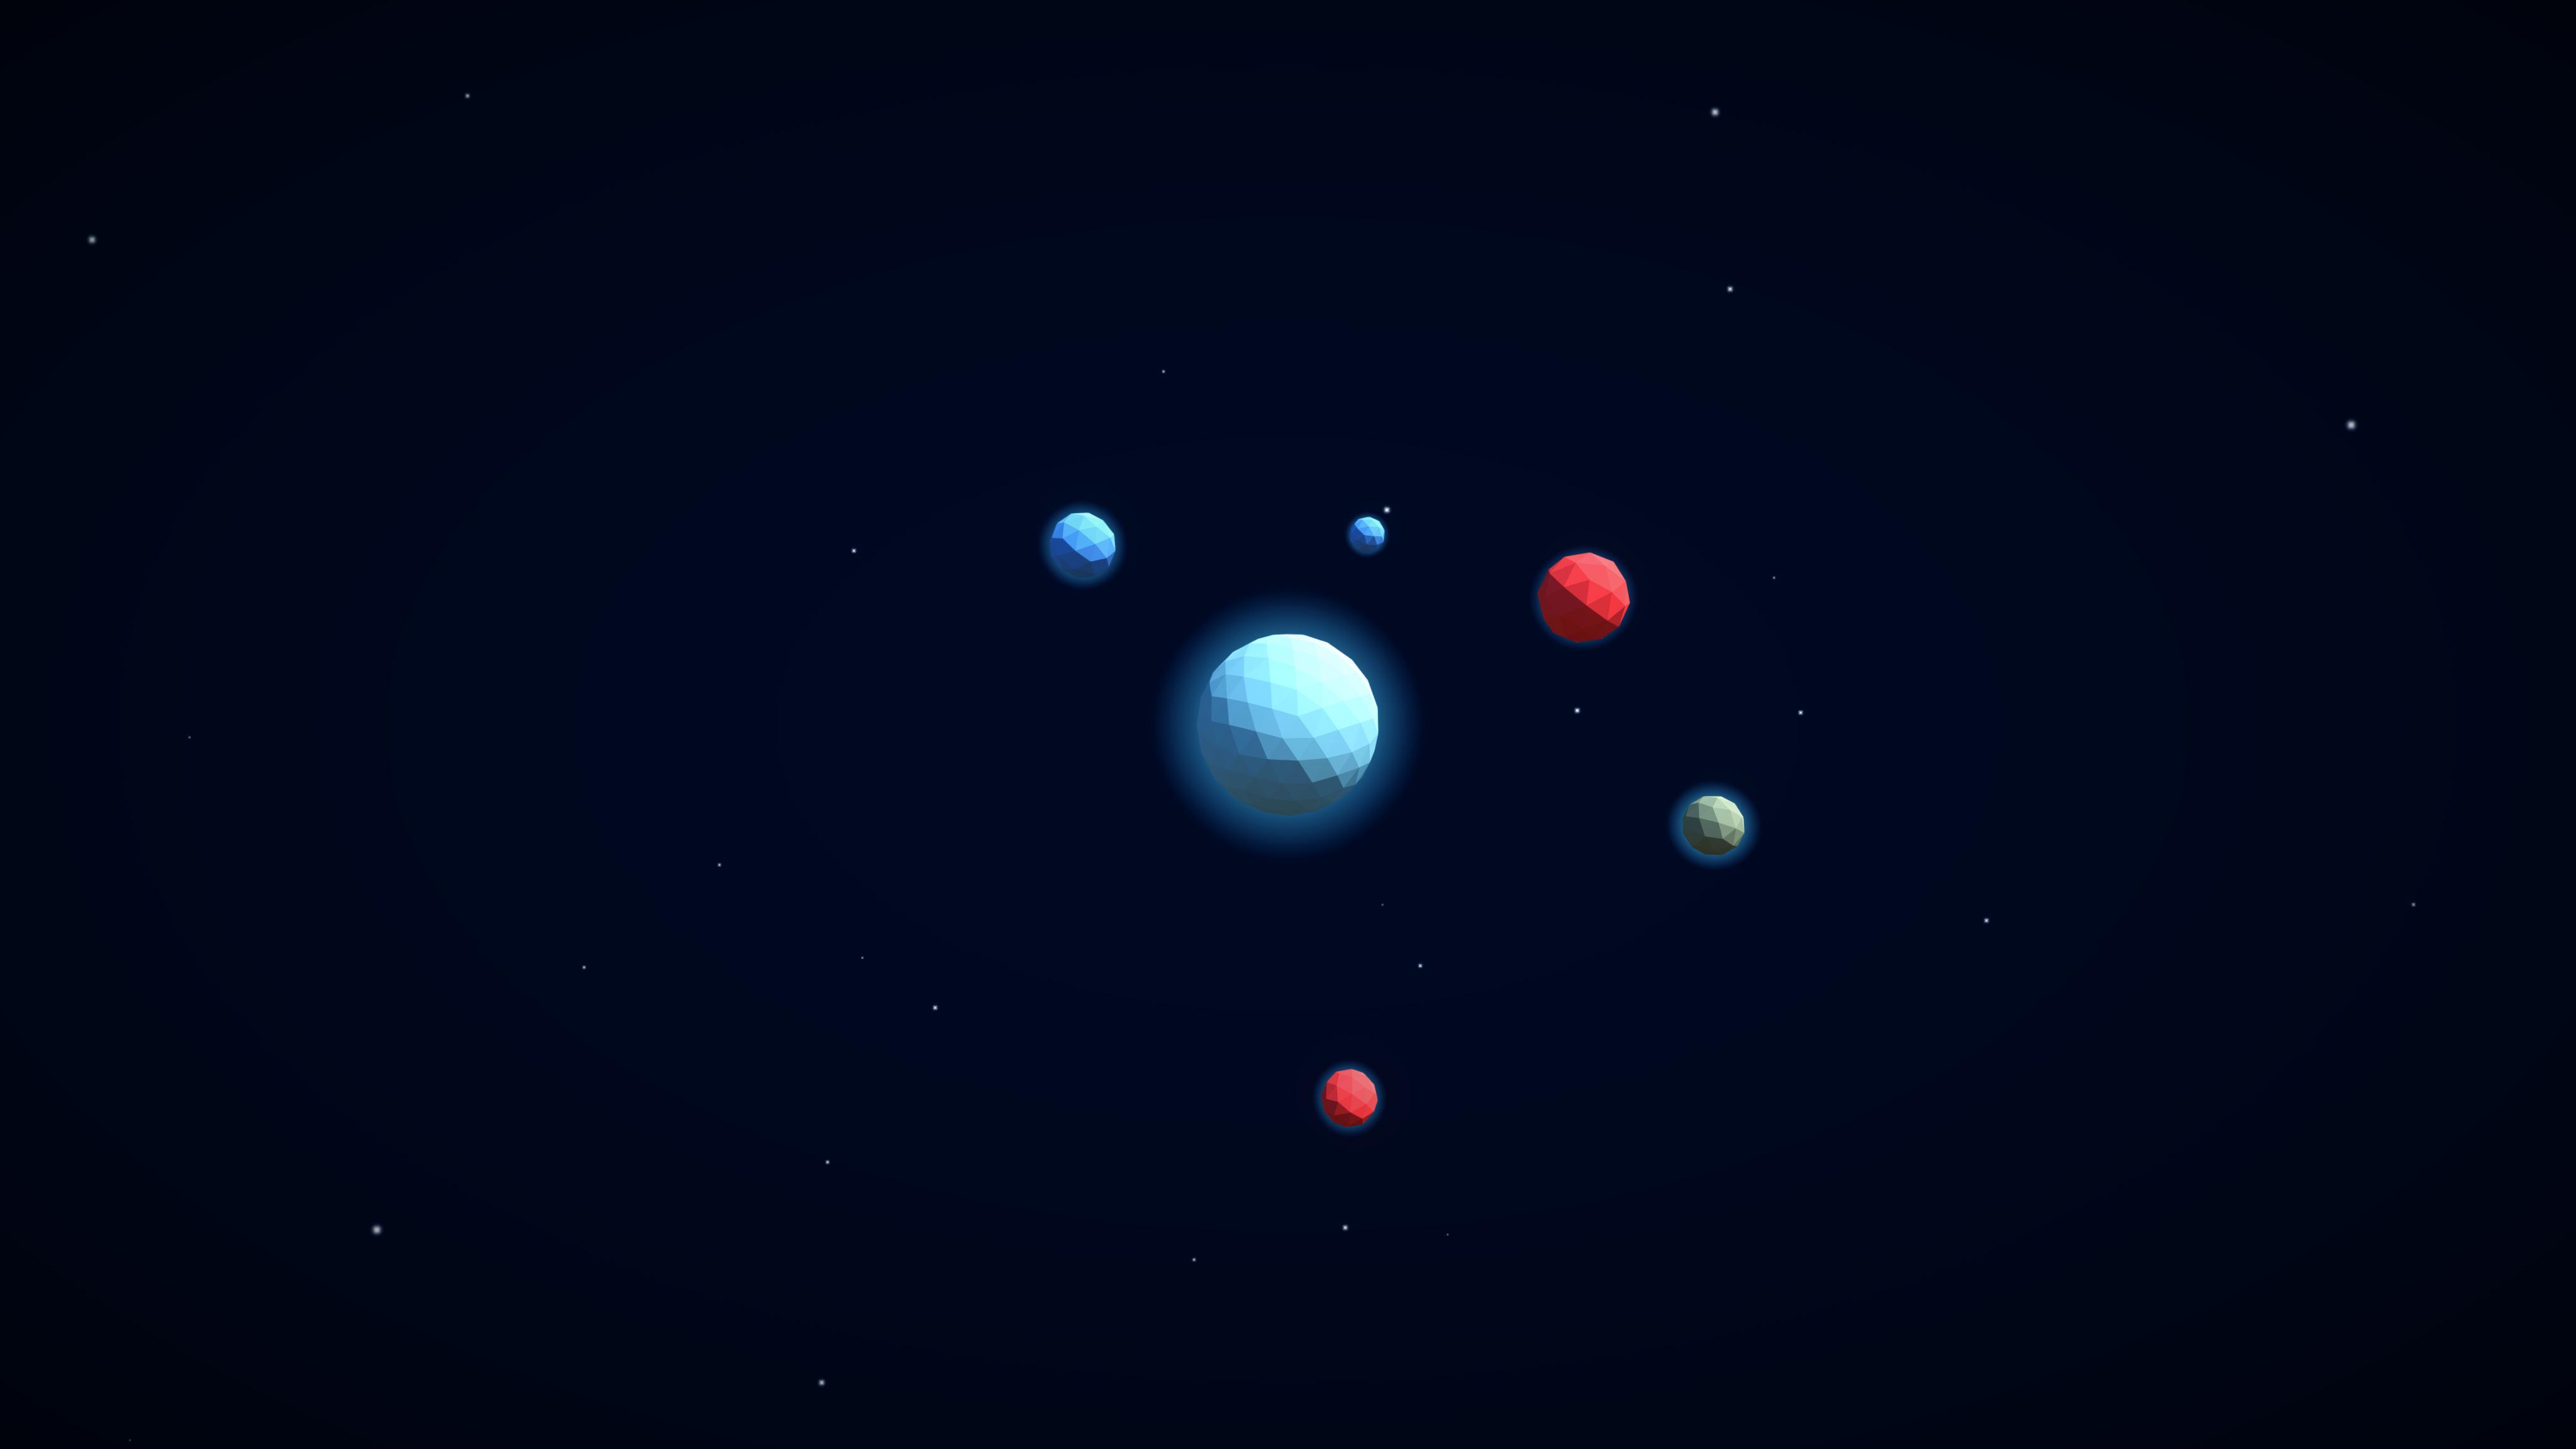 Fondos de pantalla Planetas Artwork